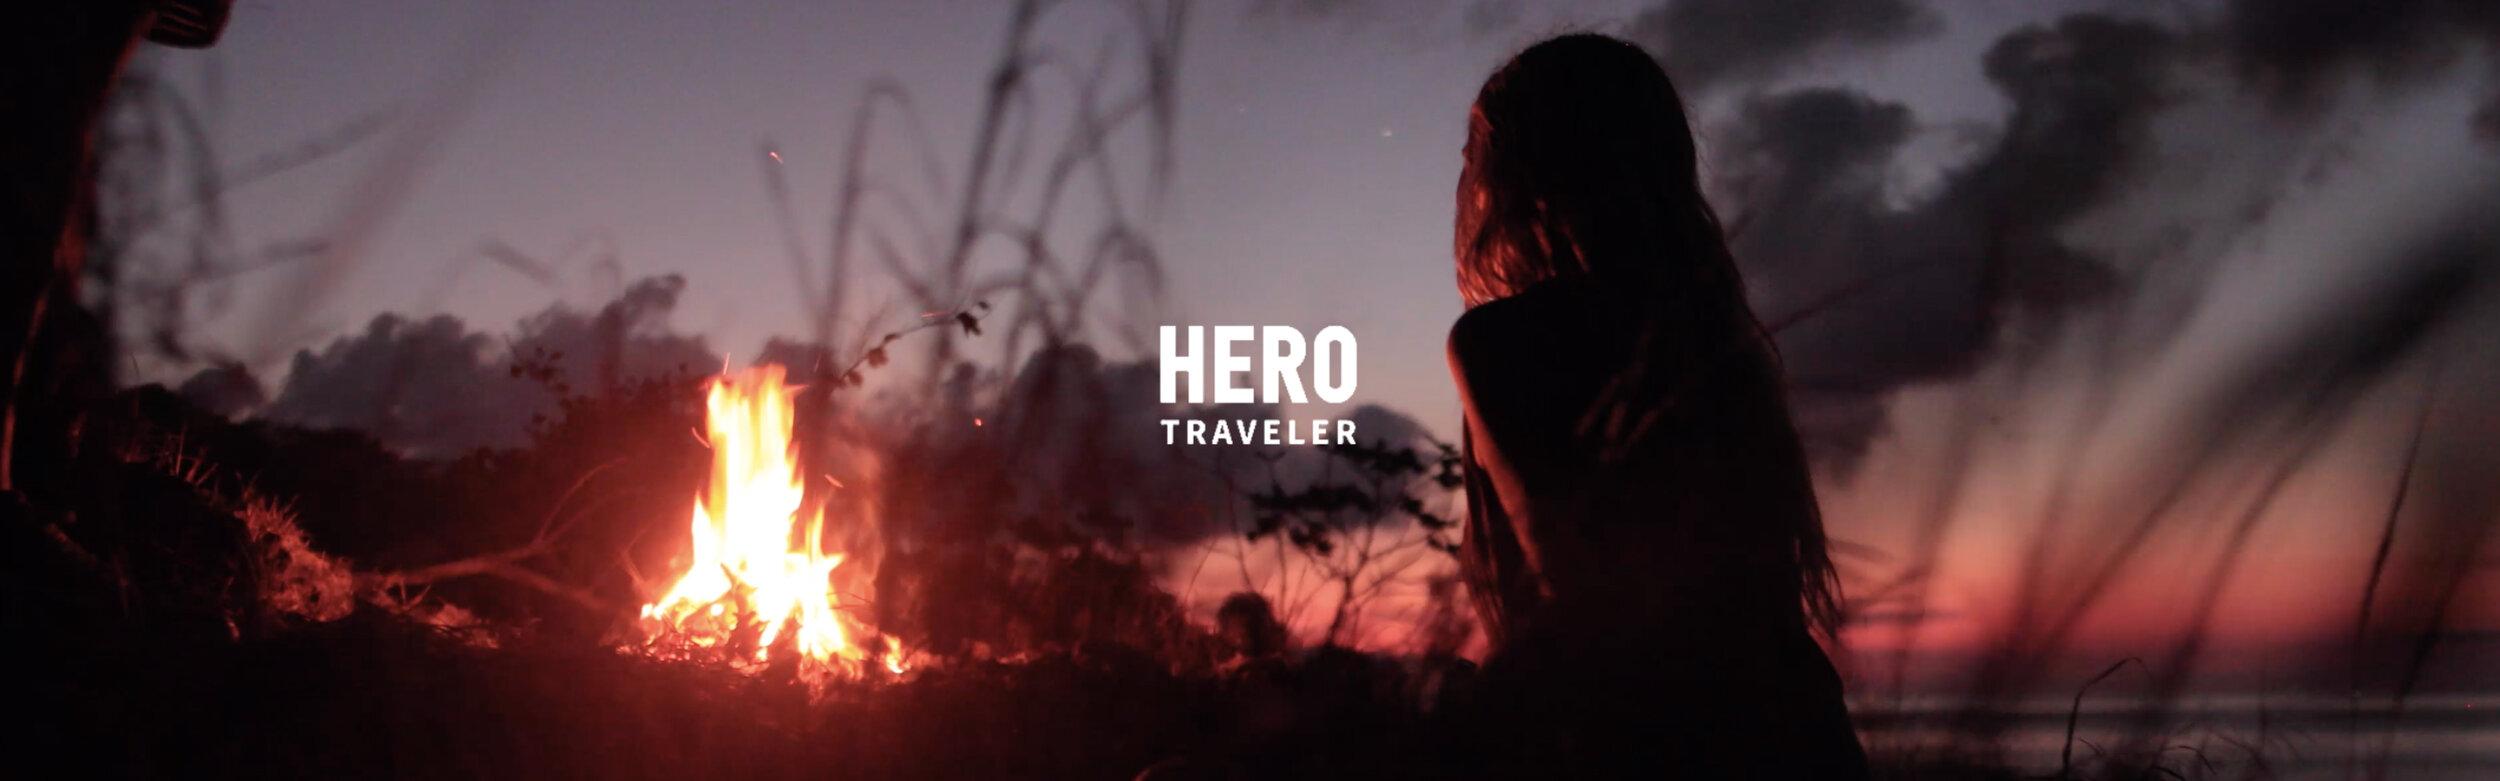 HERO TRAVELER POSTER_00000.jpg